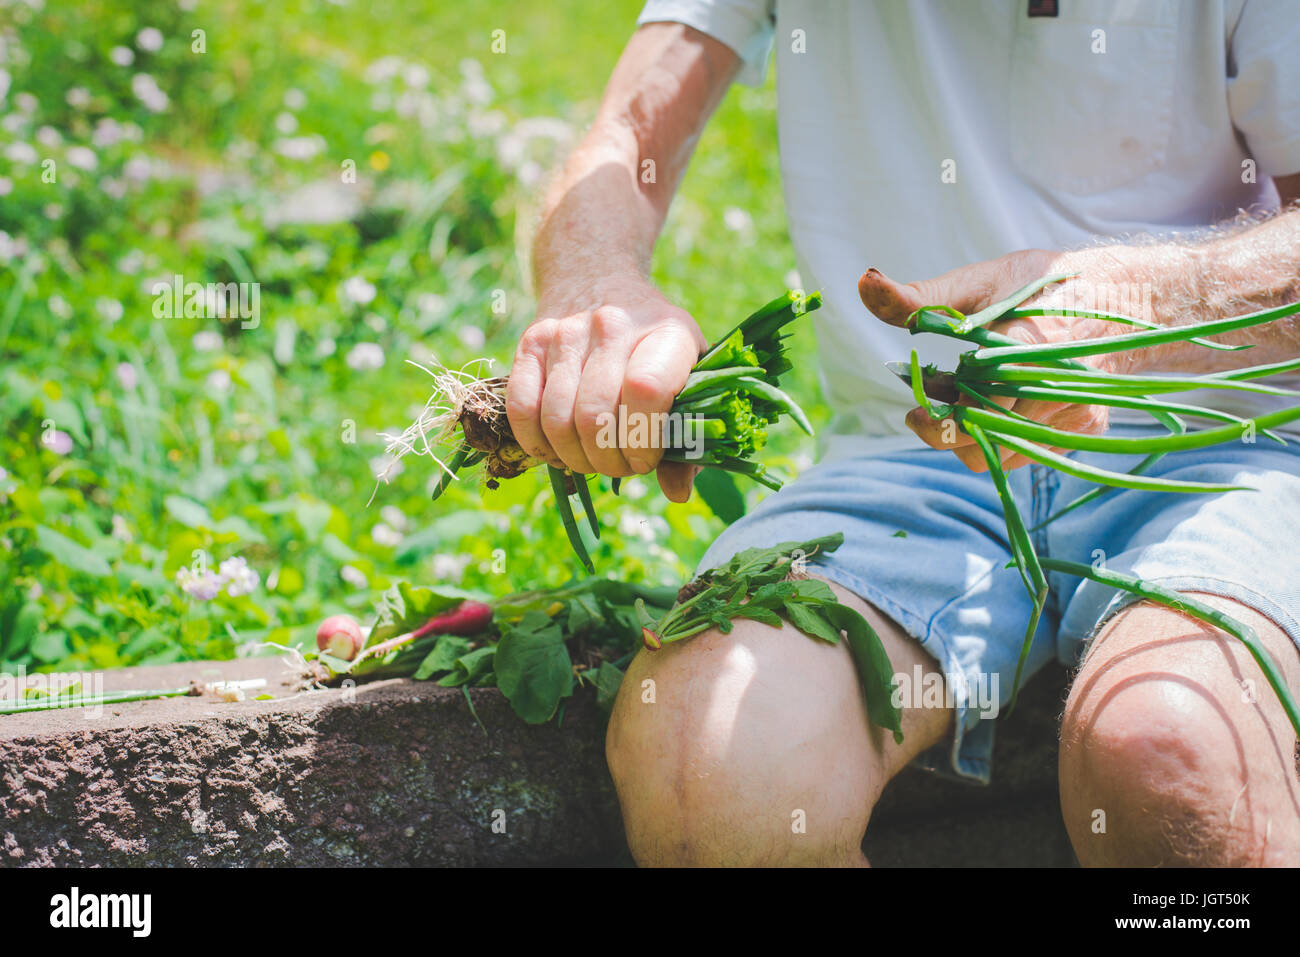 Anciano cortar las cimas fuera de cebollas. Imagen De Stock